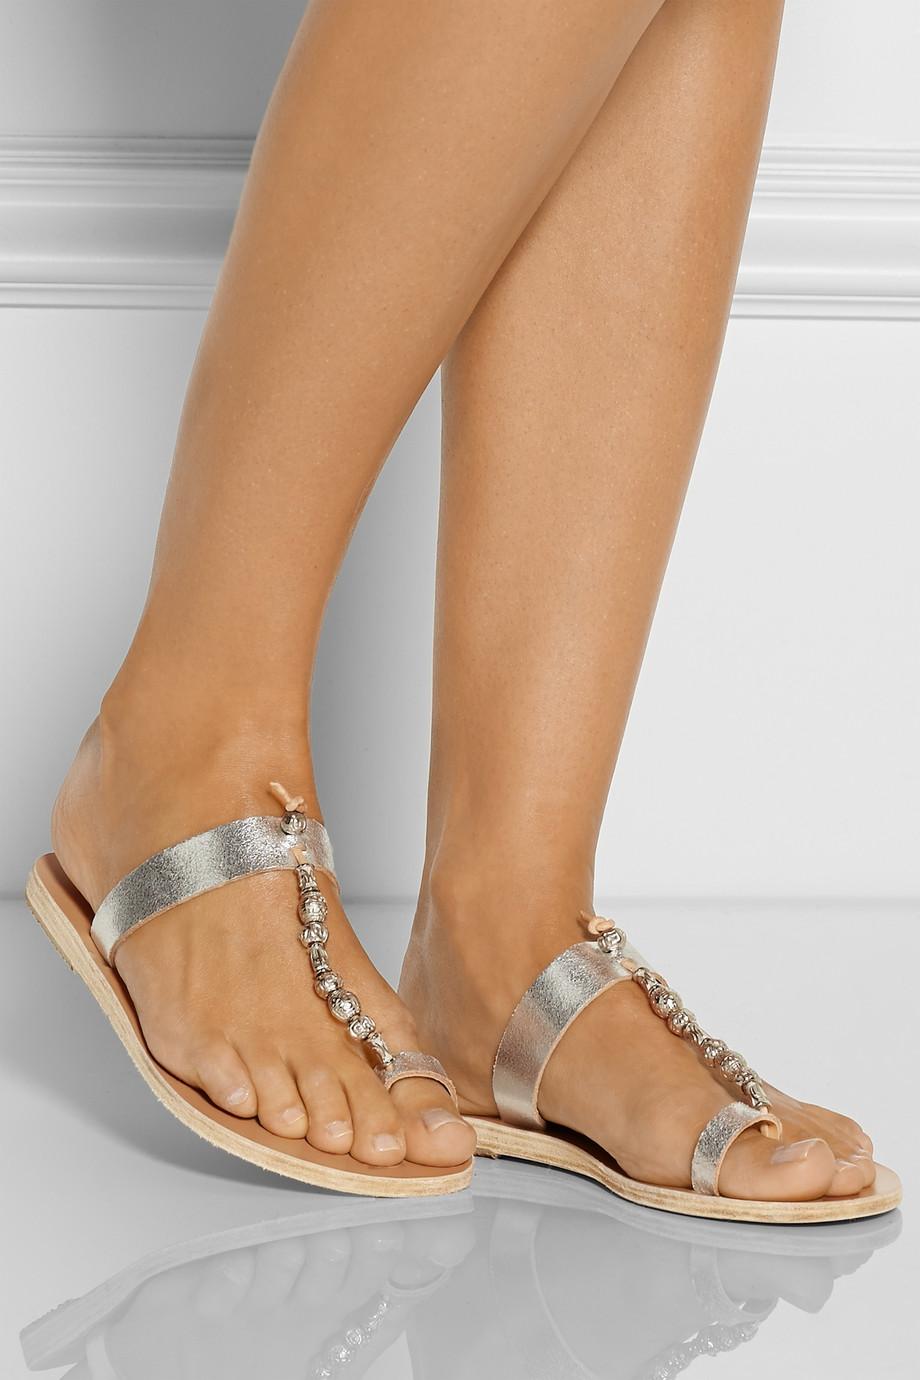 Sandales En Cuir Perles Iris Anciens Sandales Grecques 3sSXwD